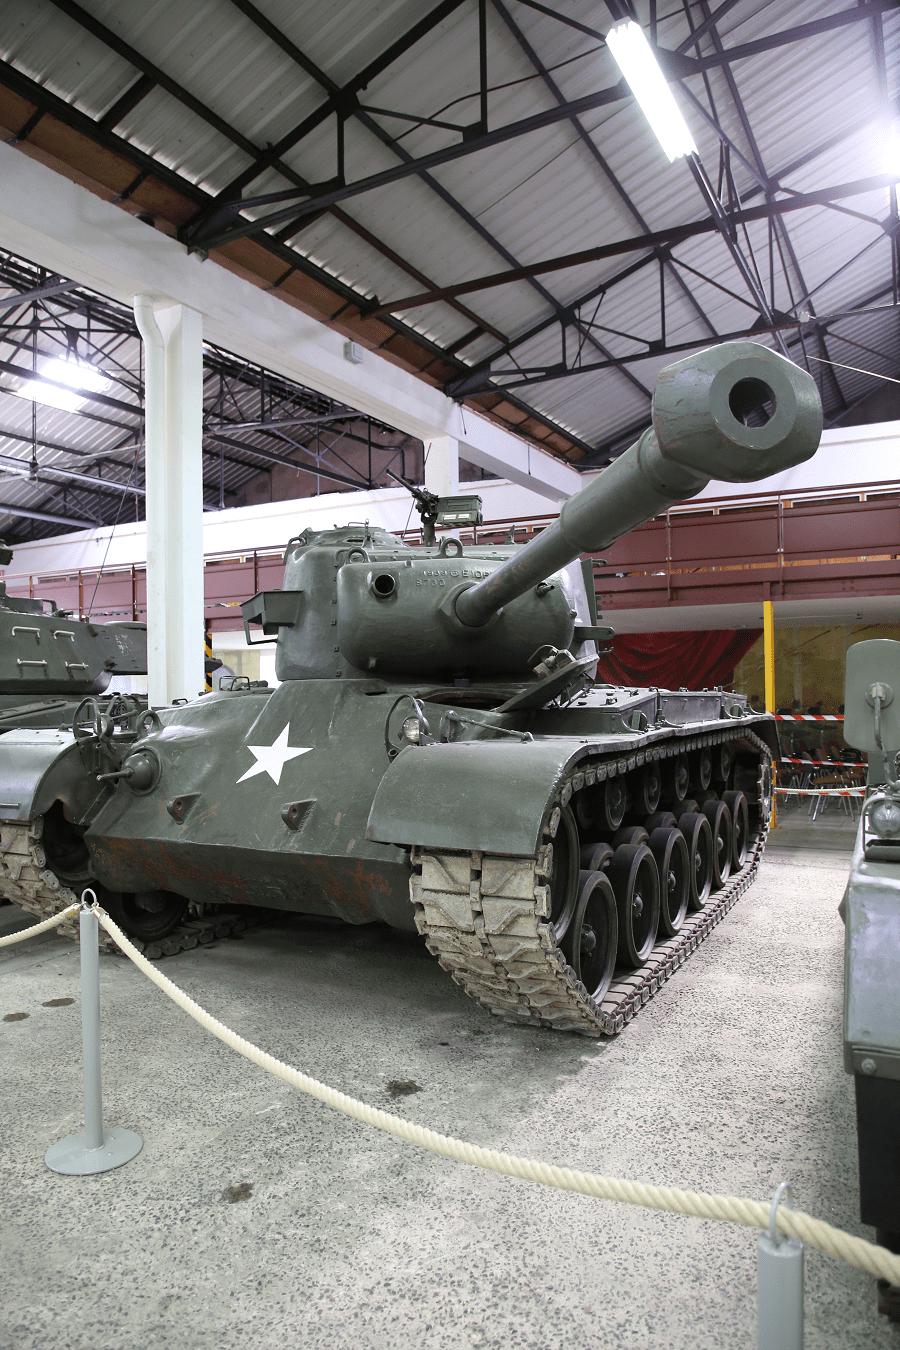 M26 Першинг - тяжелый/средний танк армии США времен Второй Мировой Войны